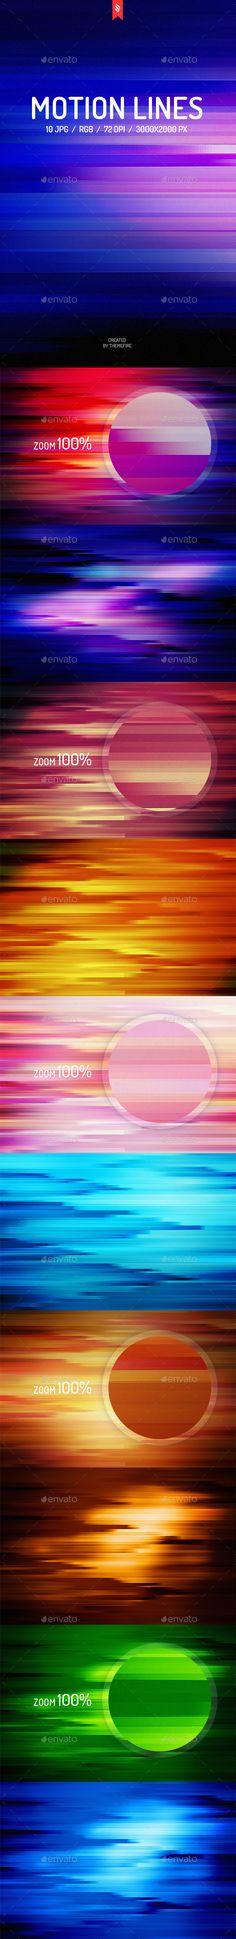 10 JPG Motion Lines Backgrounds #design Download: http://graphicriver.net/item/motion-lines-backgrounds/13902528?ref=ksioks